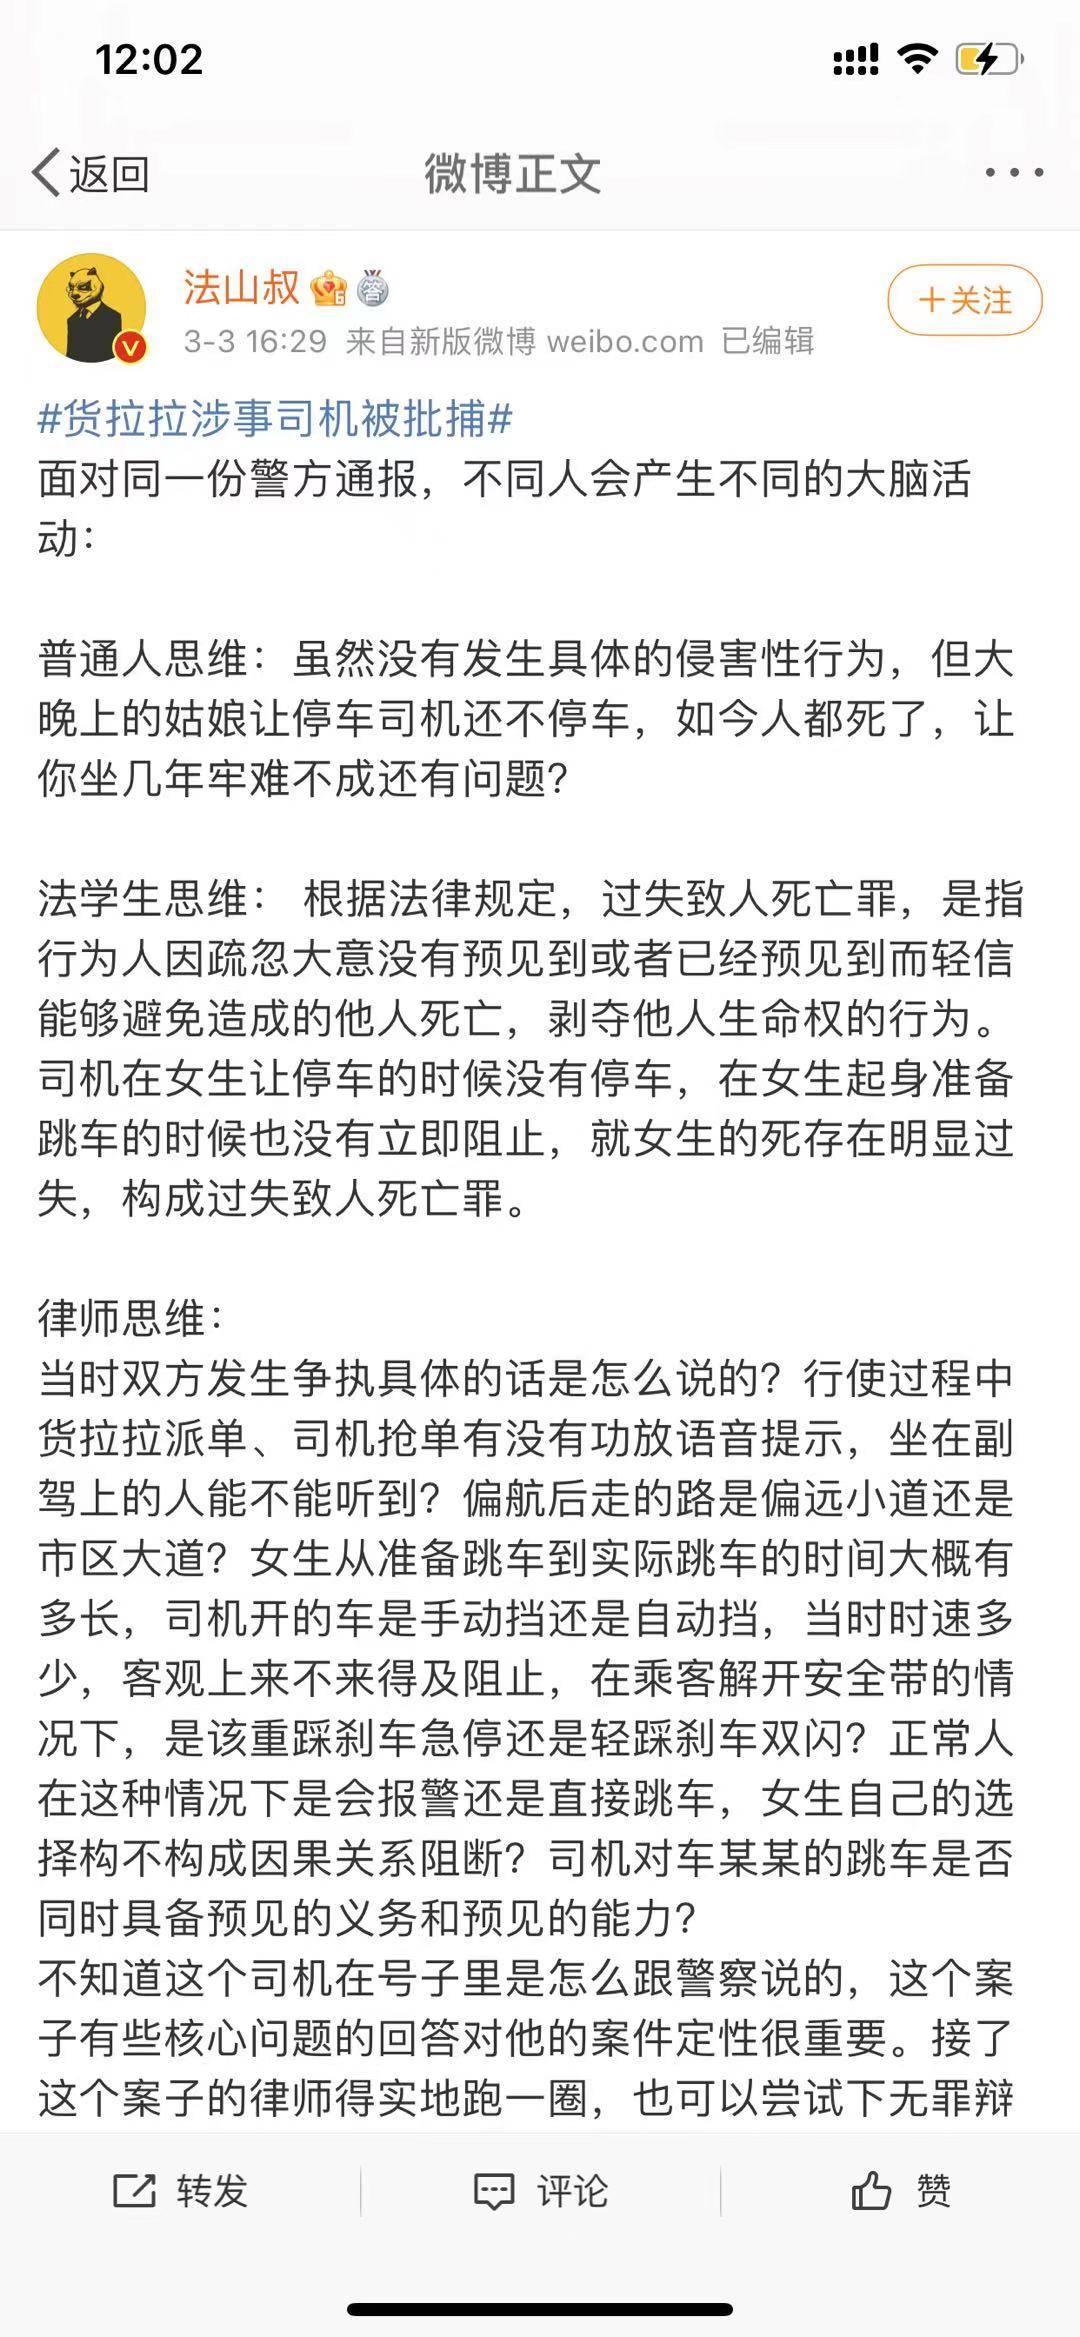 苏颜唐惟律师小说 苏颜唐惟是什么小说